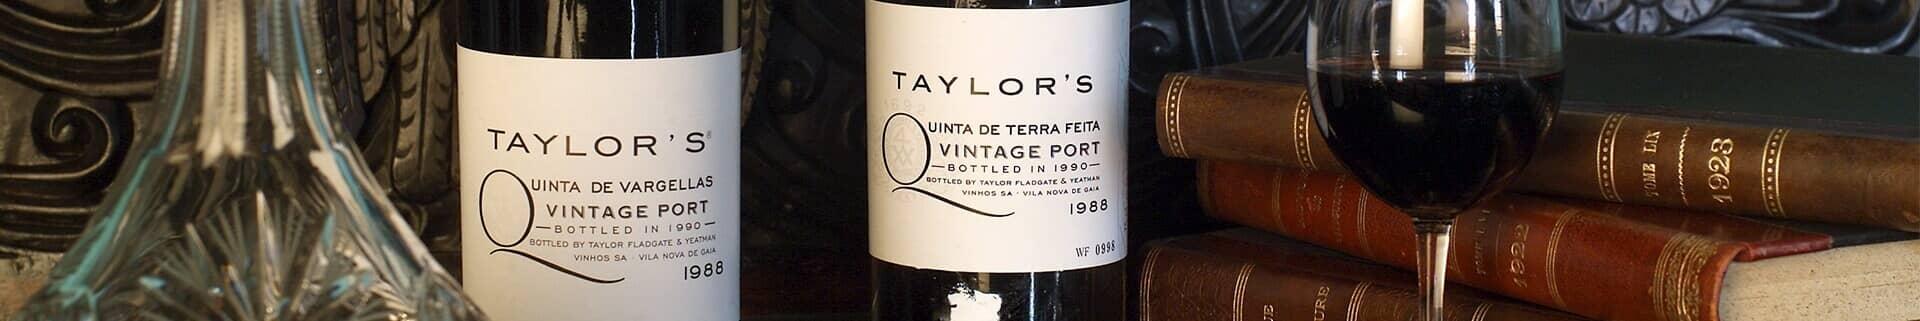 Vino de Oporto Vintage 1988: Vargellas y Terra Feita - Taylor's